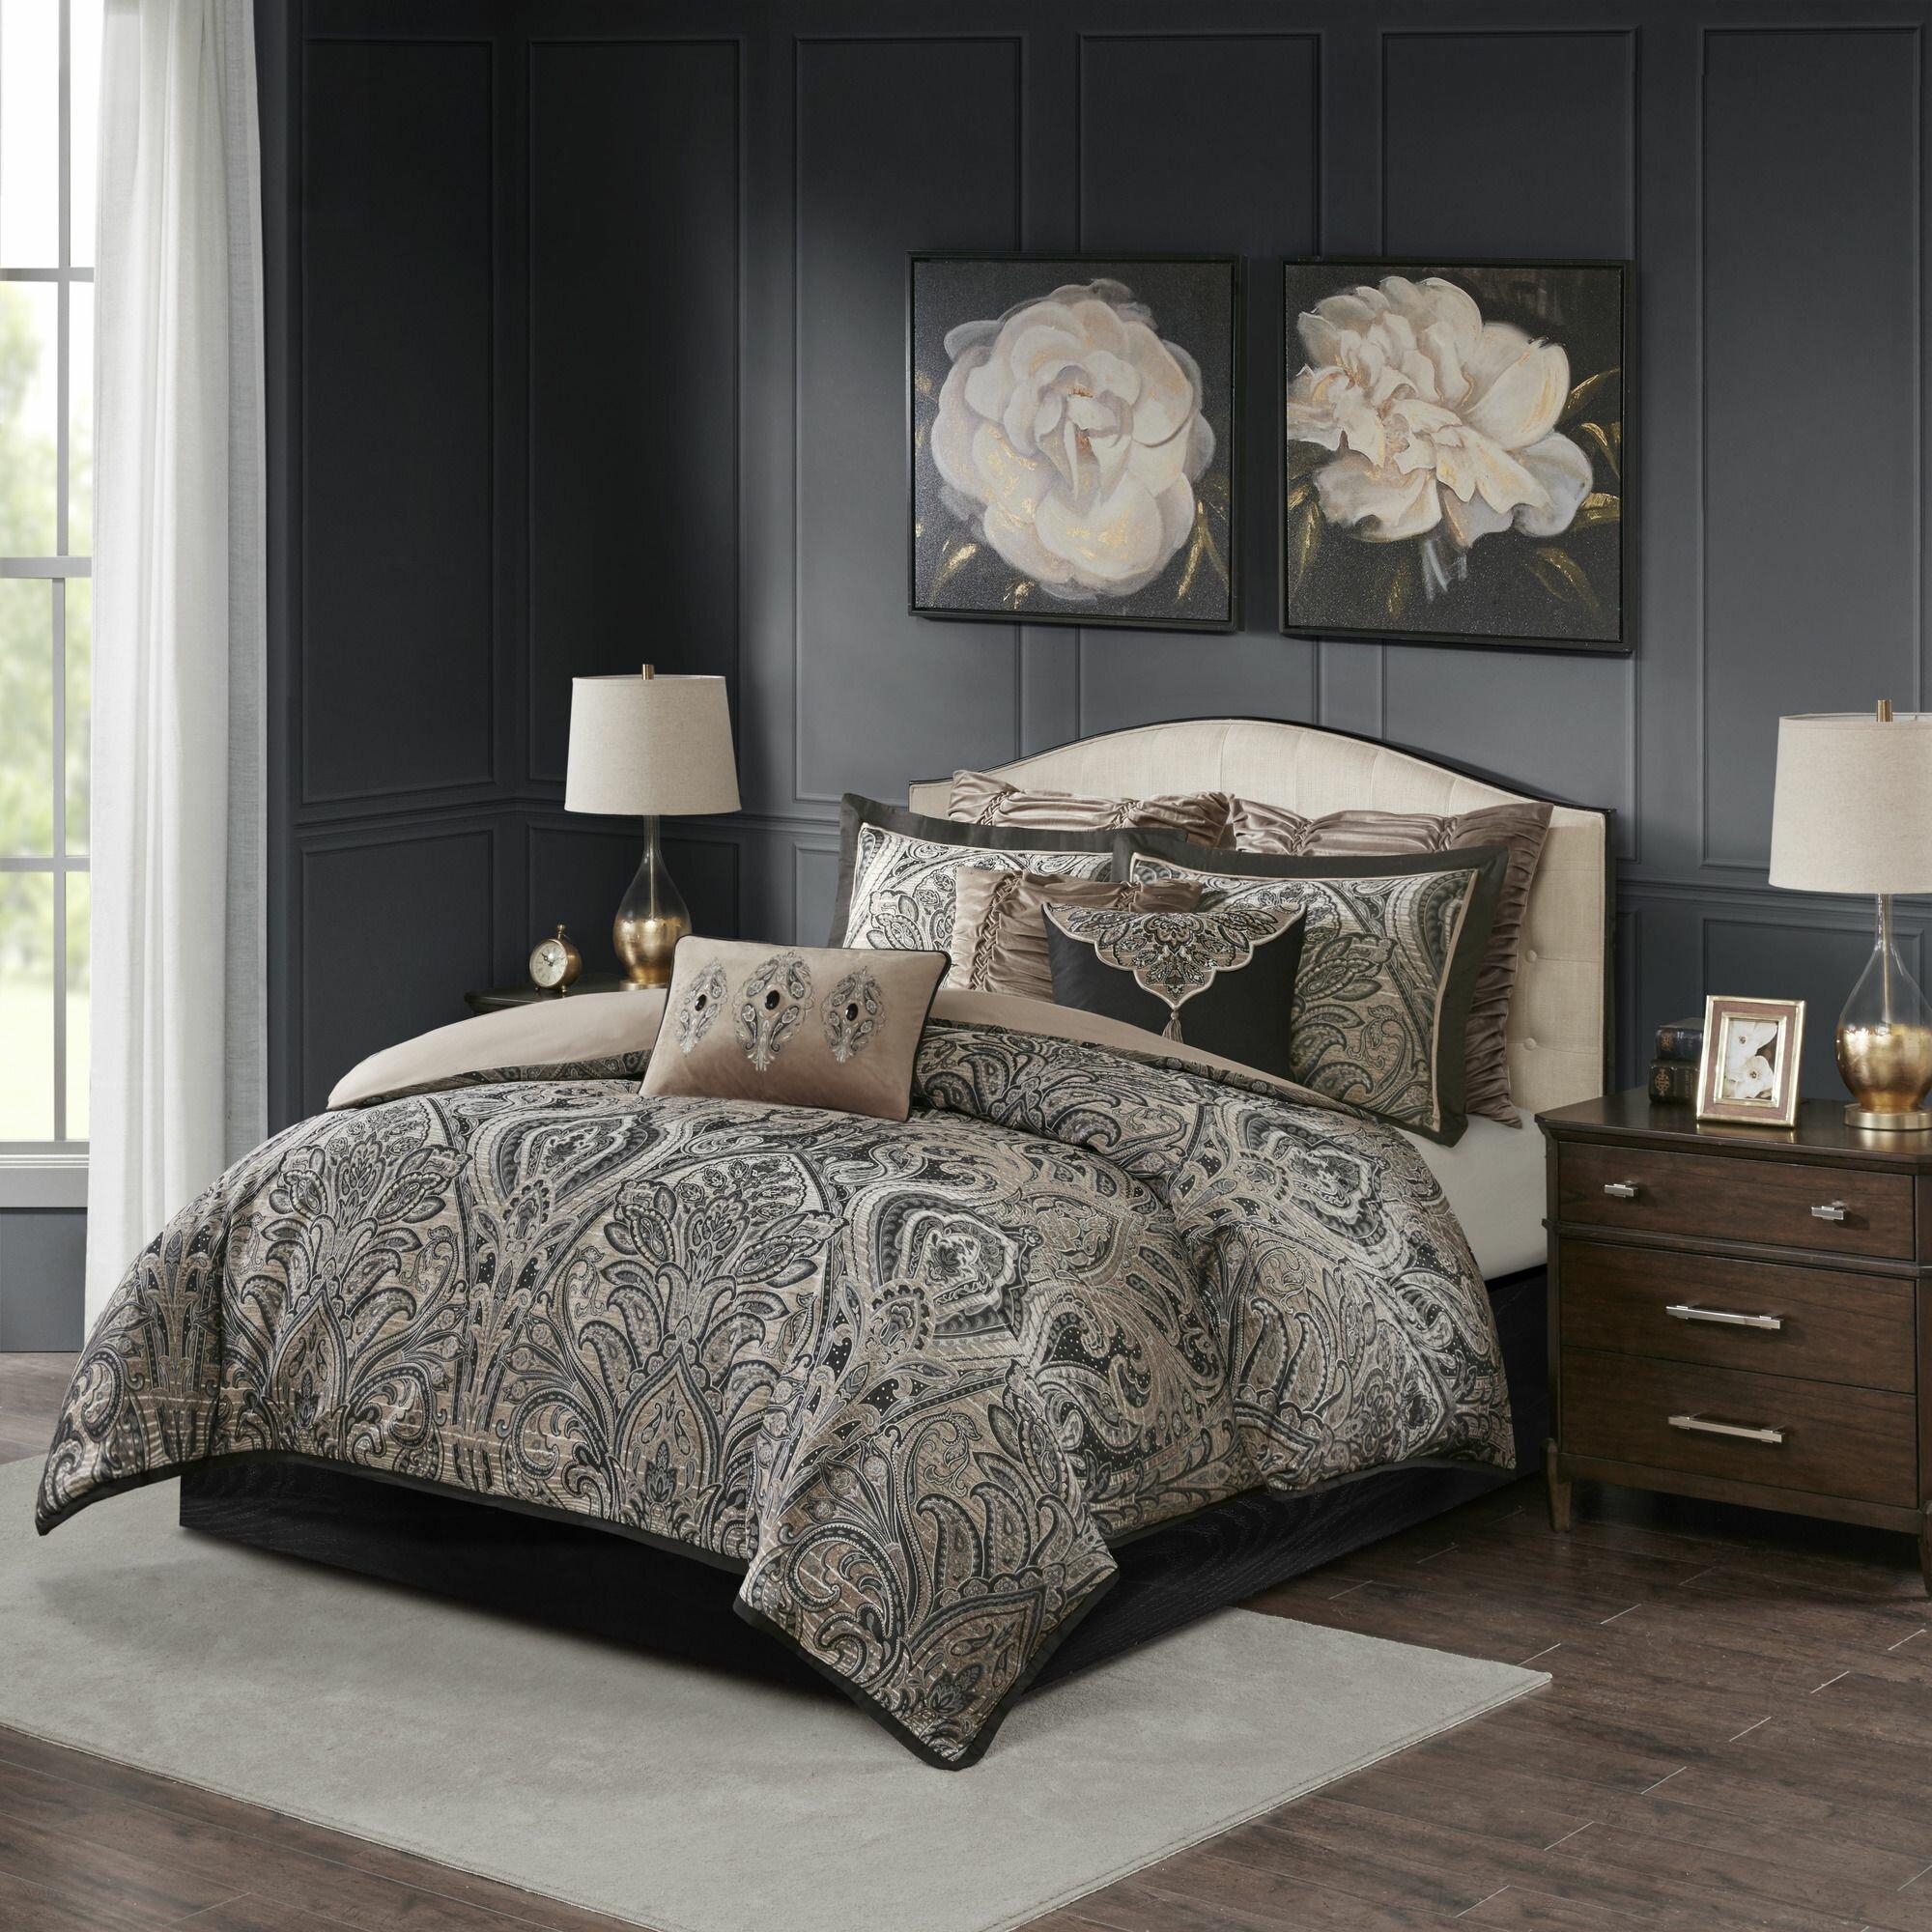 Madison Park Signature Grandover Damask 8 Piece Comforter Set Reviews Wayfair